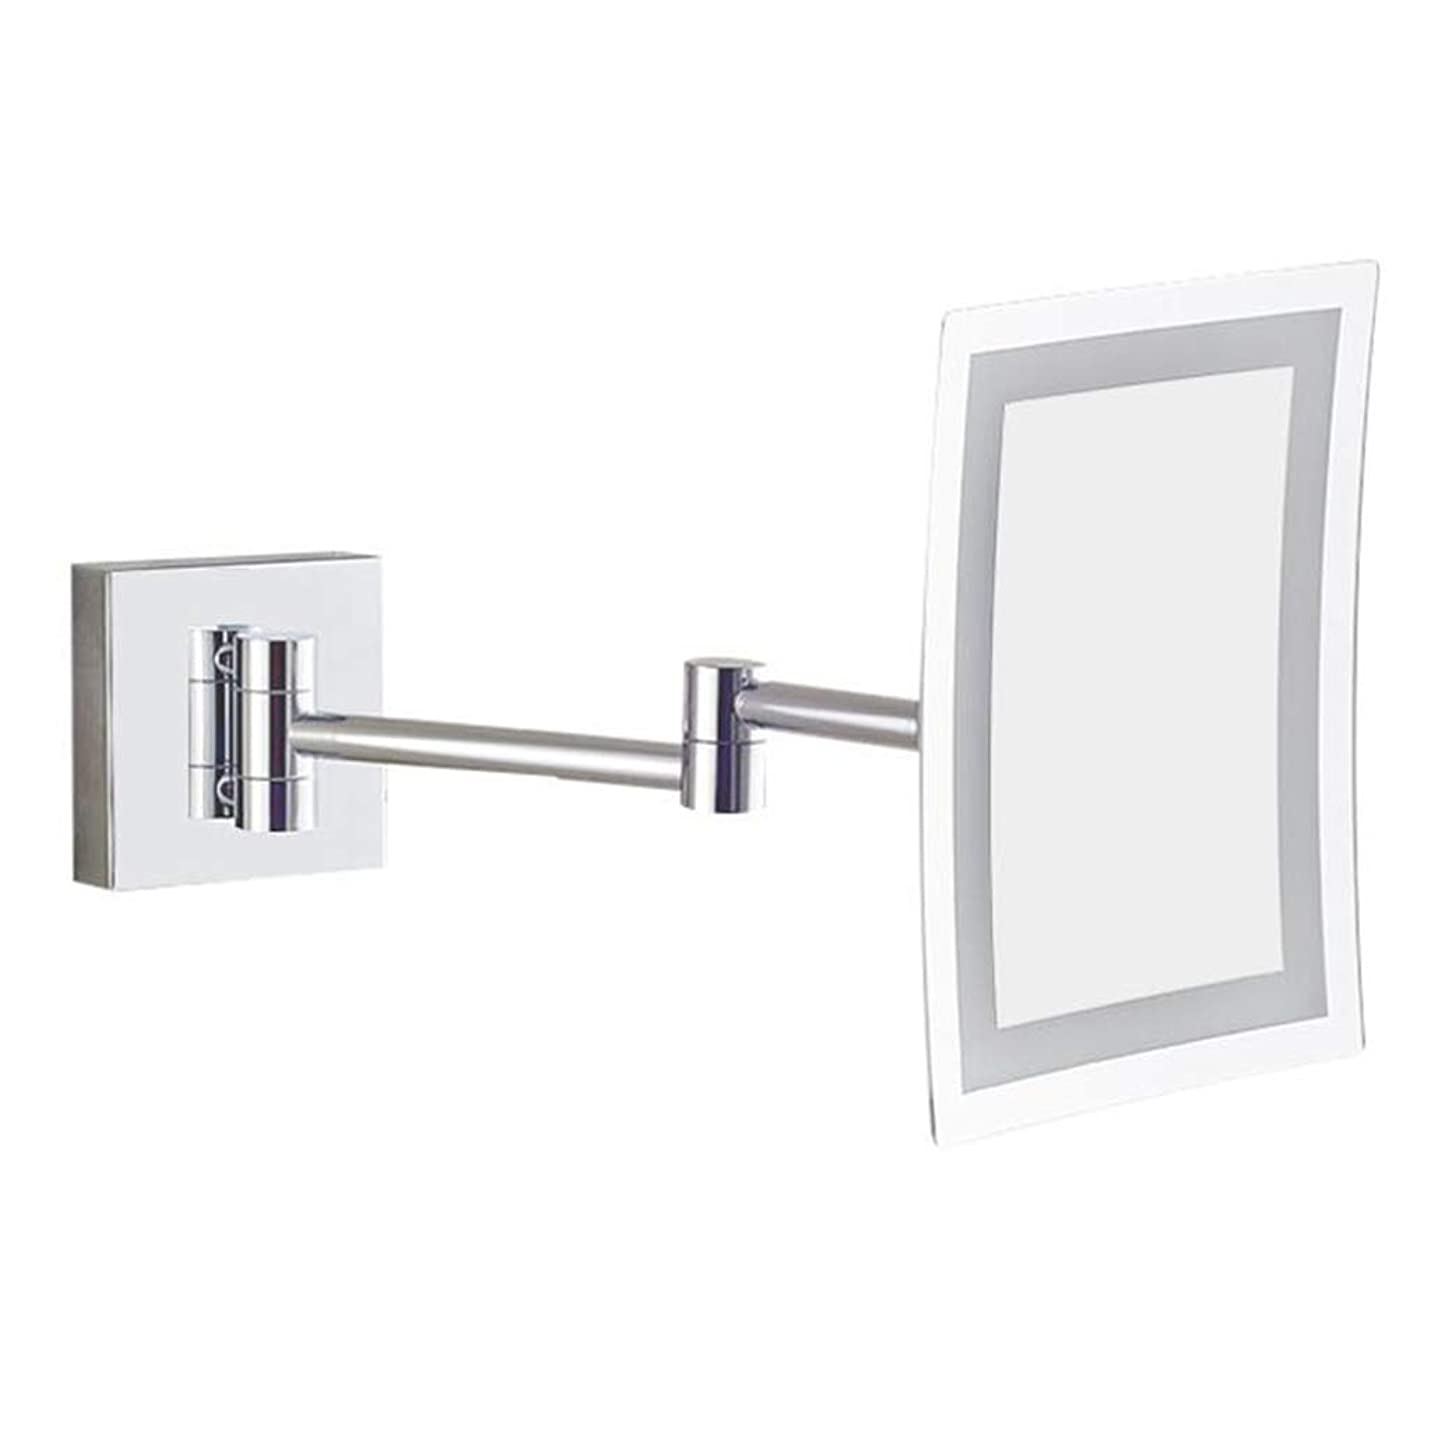 彼気晴らし収穫HUYYA シェービングミラー LEDライト付き 壁付、バスルームメイクアップミラー 3 倍拡大鏡 バニティミラー正方形化粧鏡 寝室や浴室に適しています,Silver_Hardwired connection